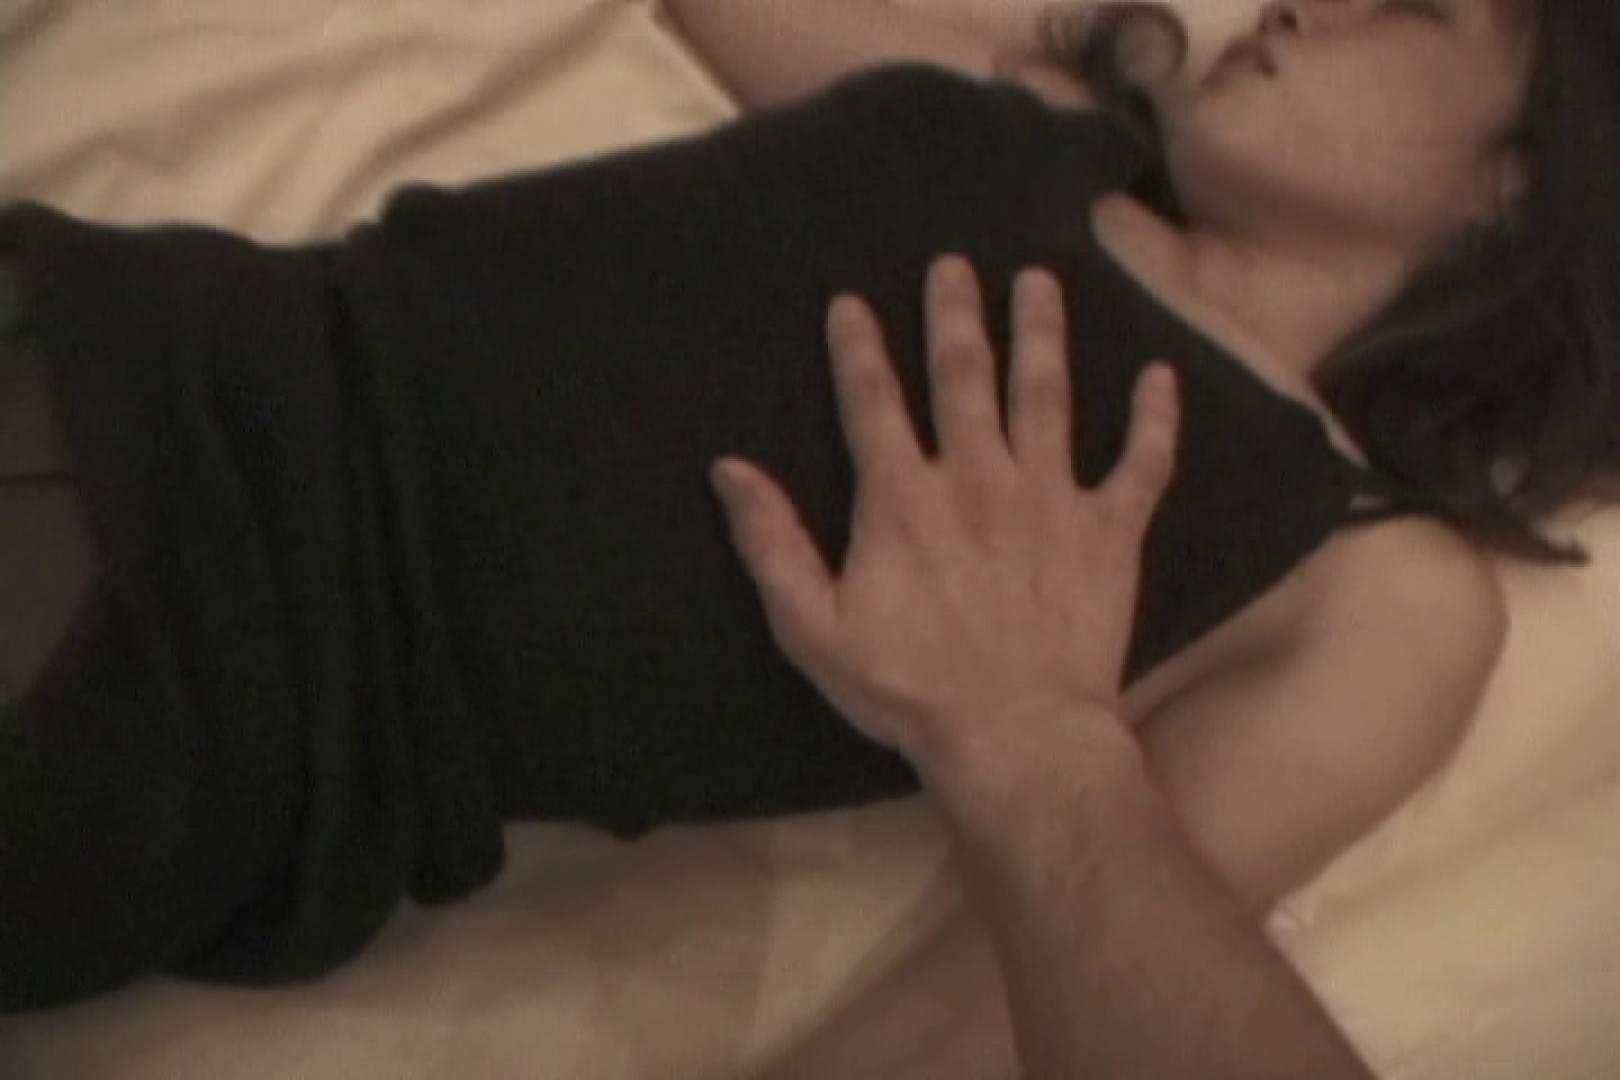 敏感な私の体を好きにして~川田さやか~ 乳首 覗きおまんこ画像 99pic 47